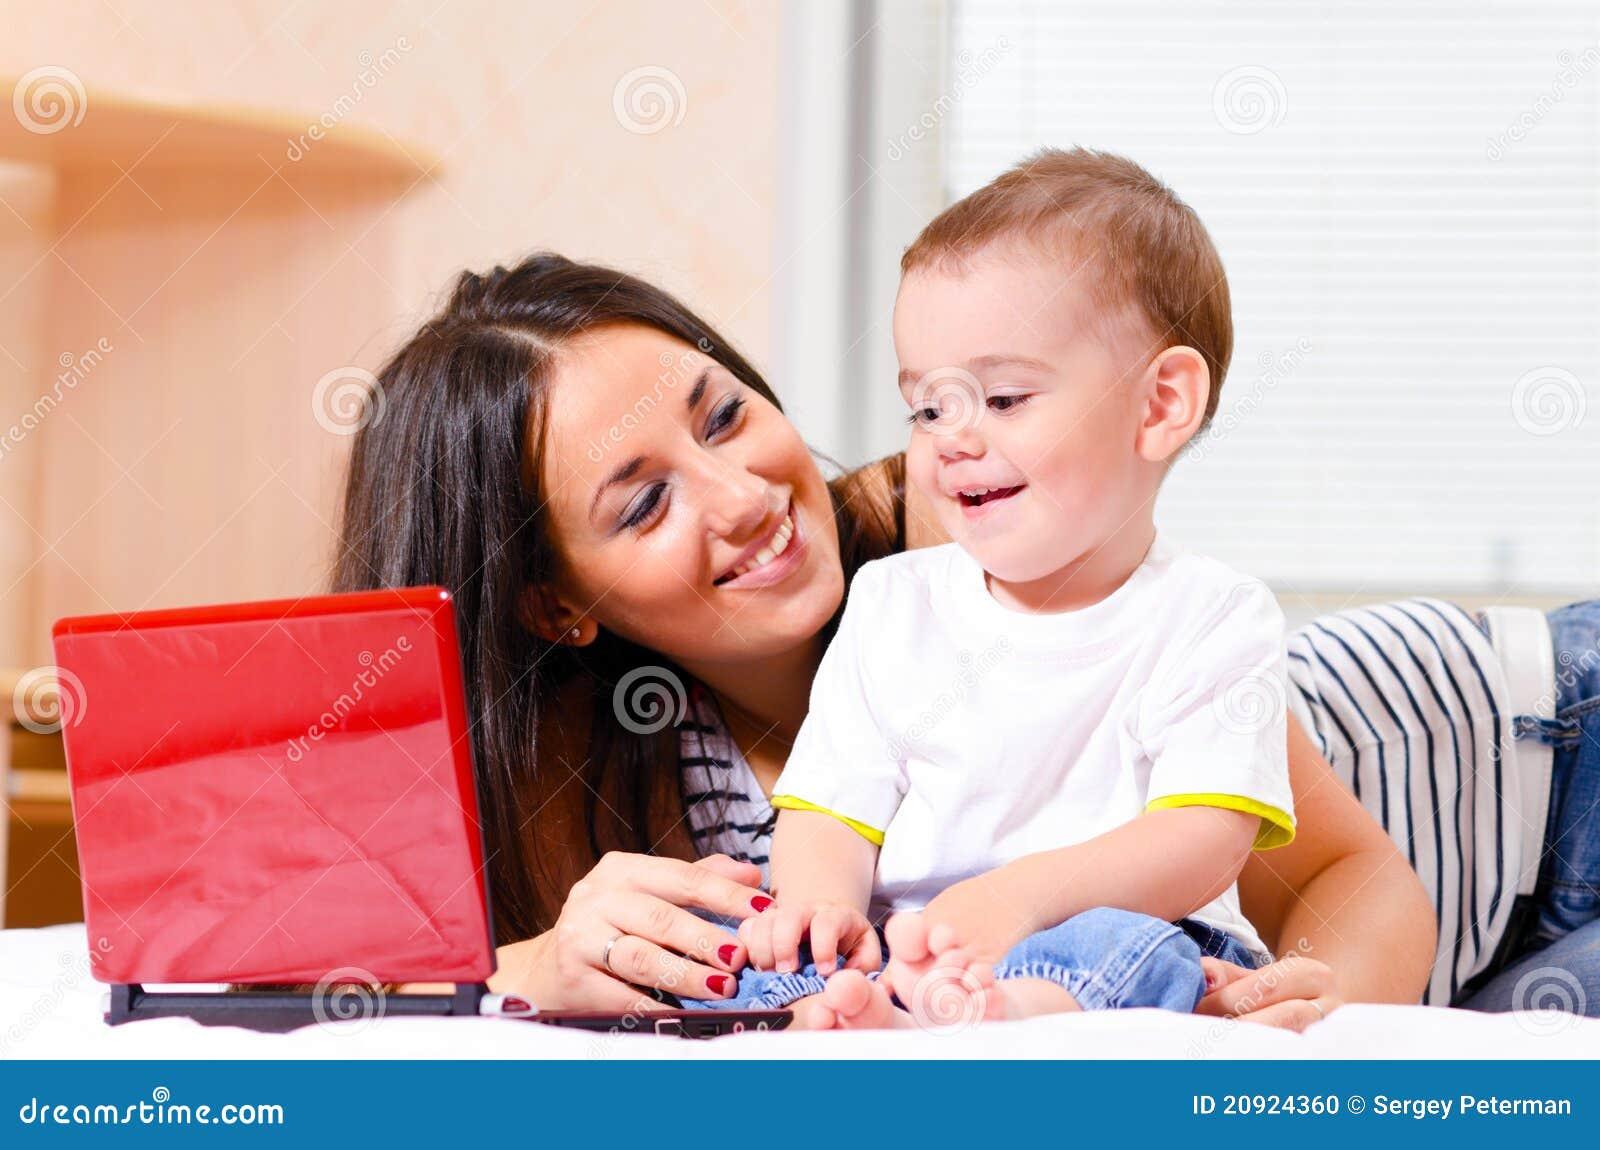 Фото мама с маленьким сыном